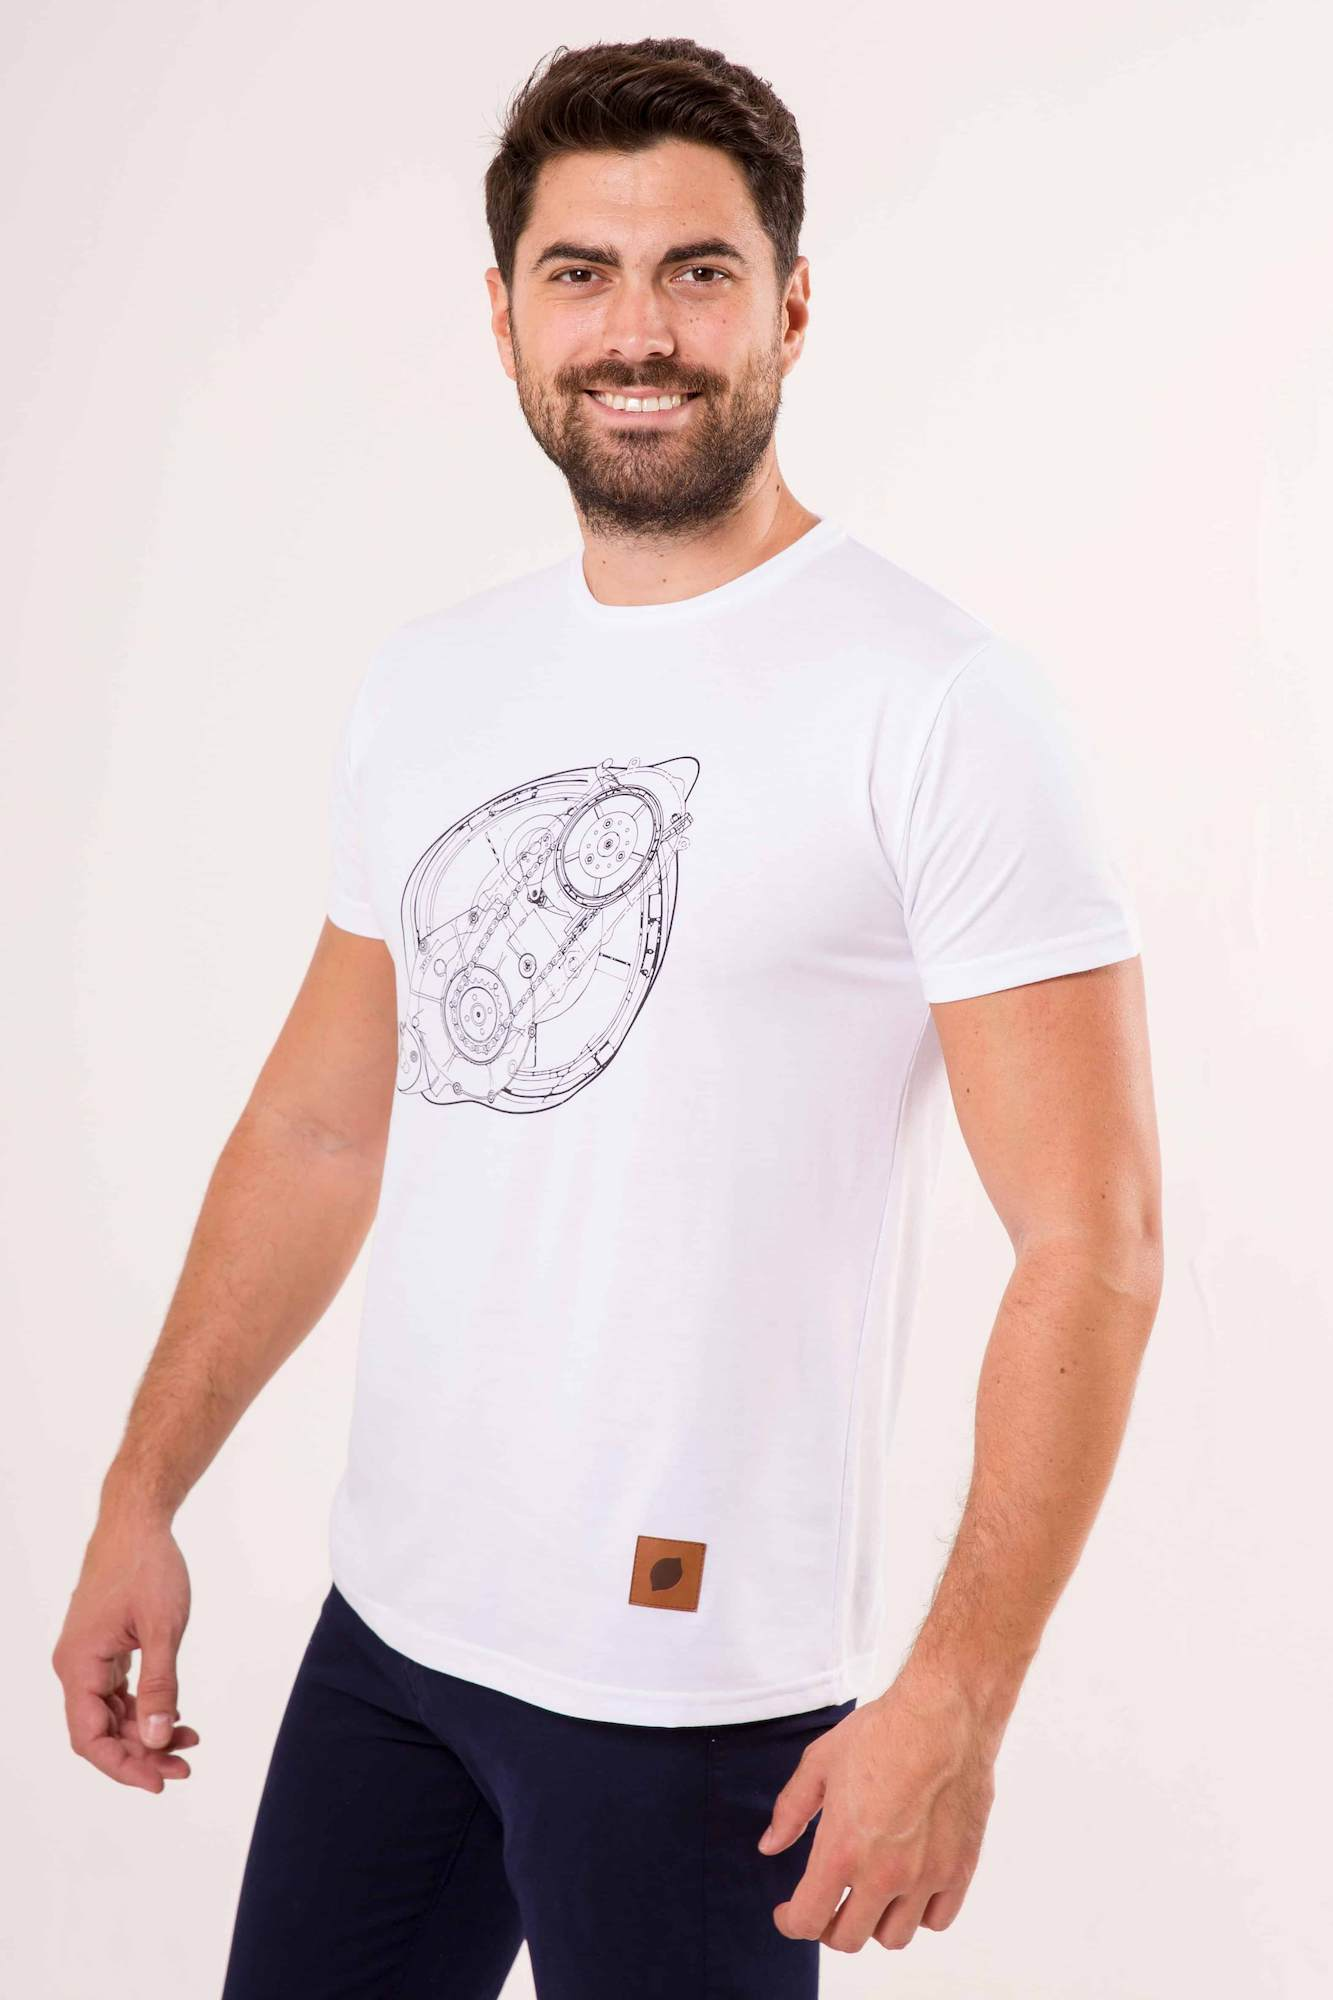 camiseta-sir-lemon-lemon-engine-perfil